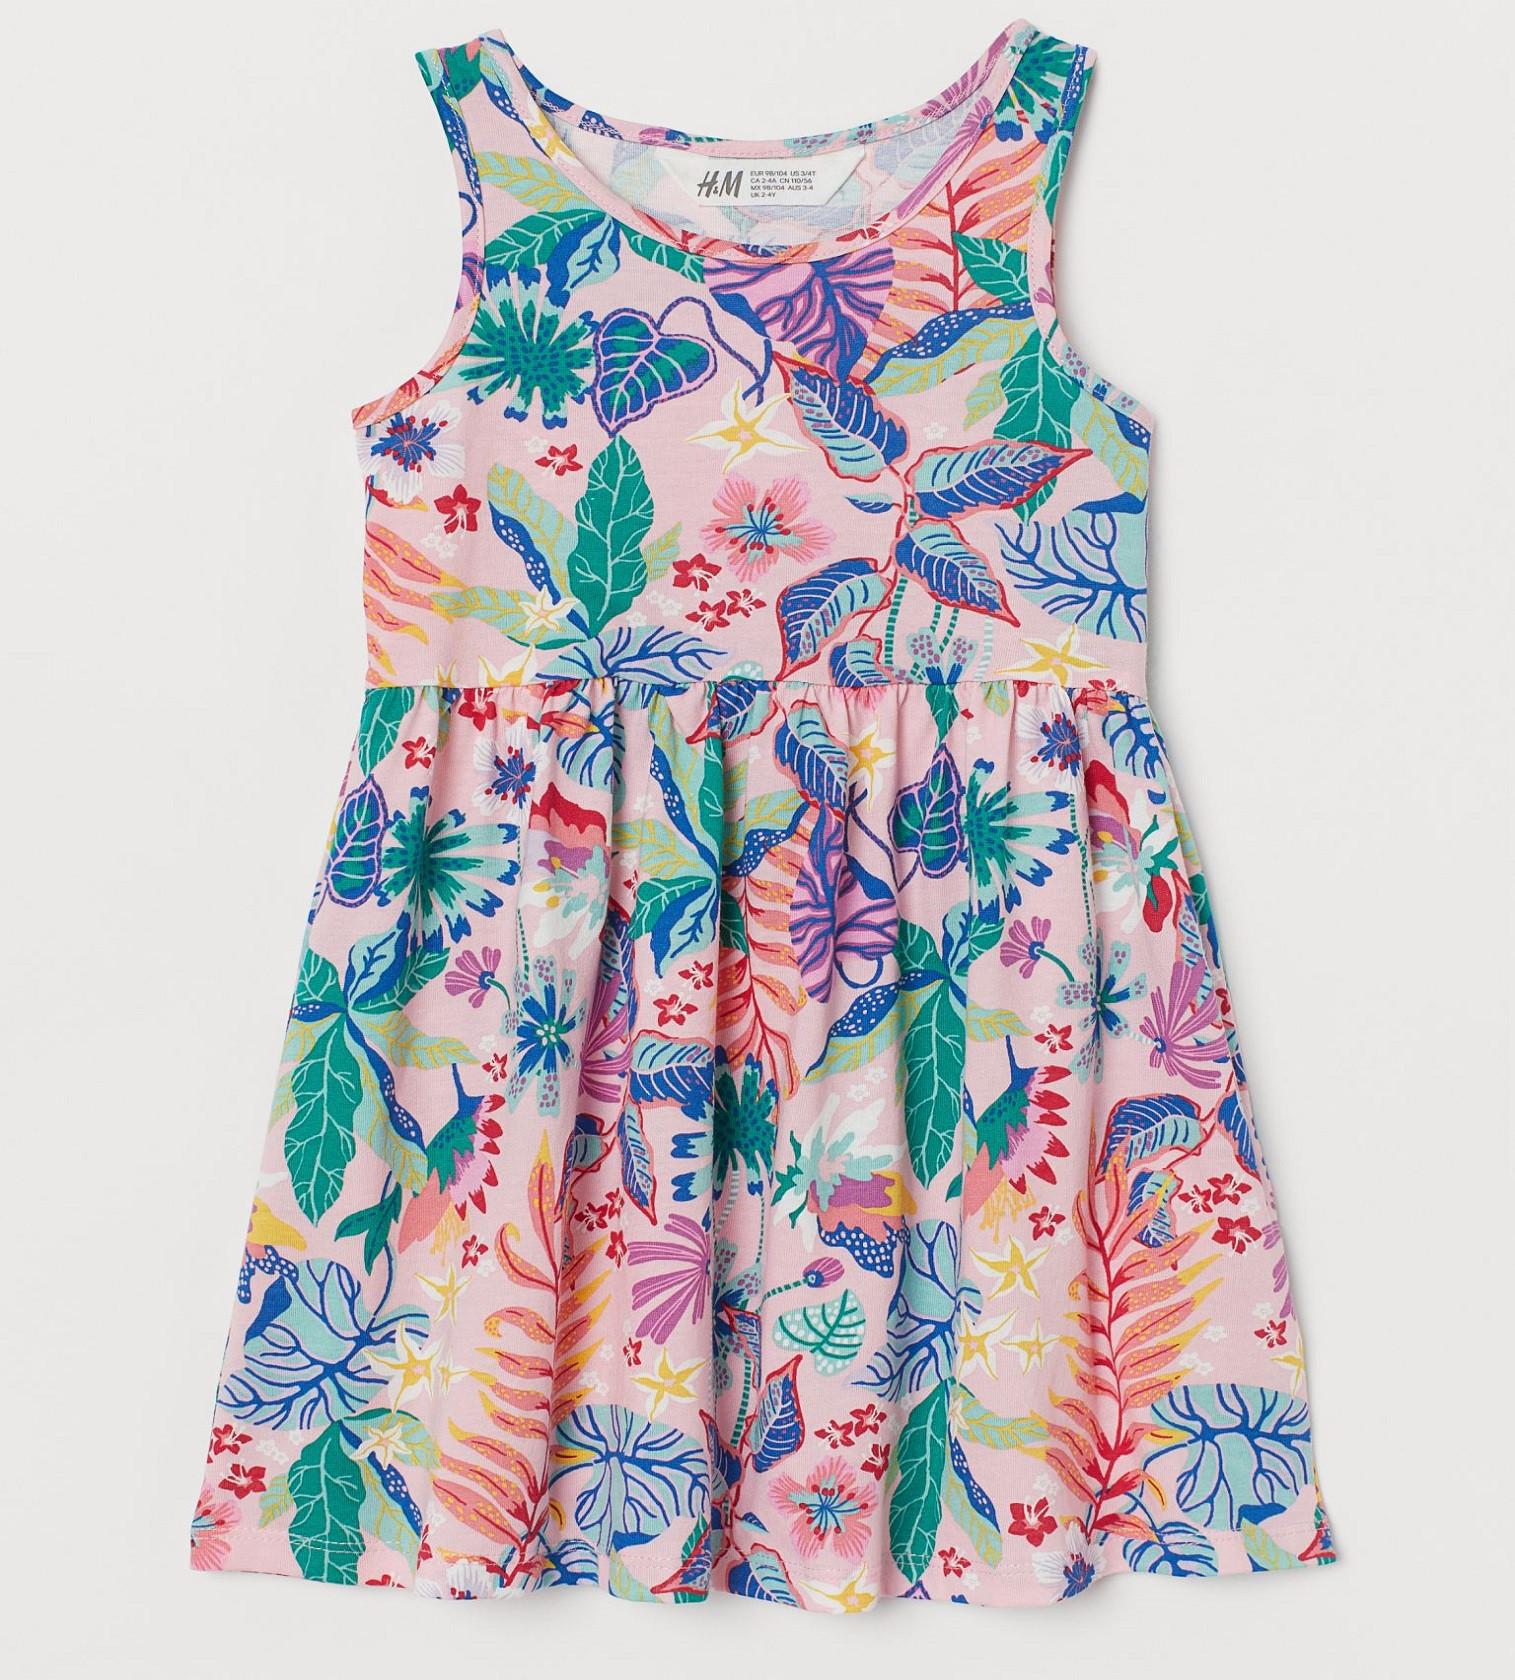 Купити Сарафан H&M Блідо-рожевий / Квіти - фото 1